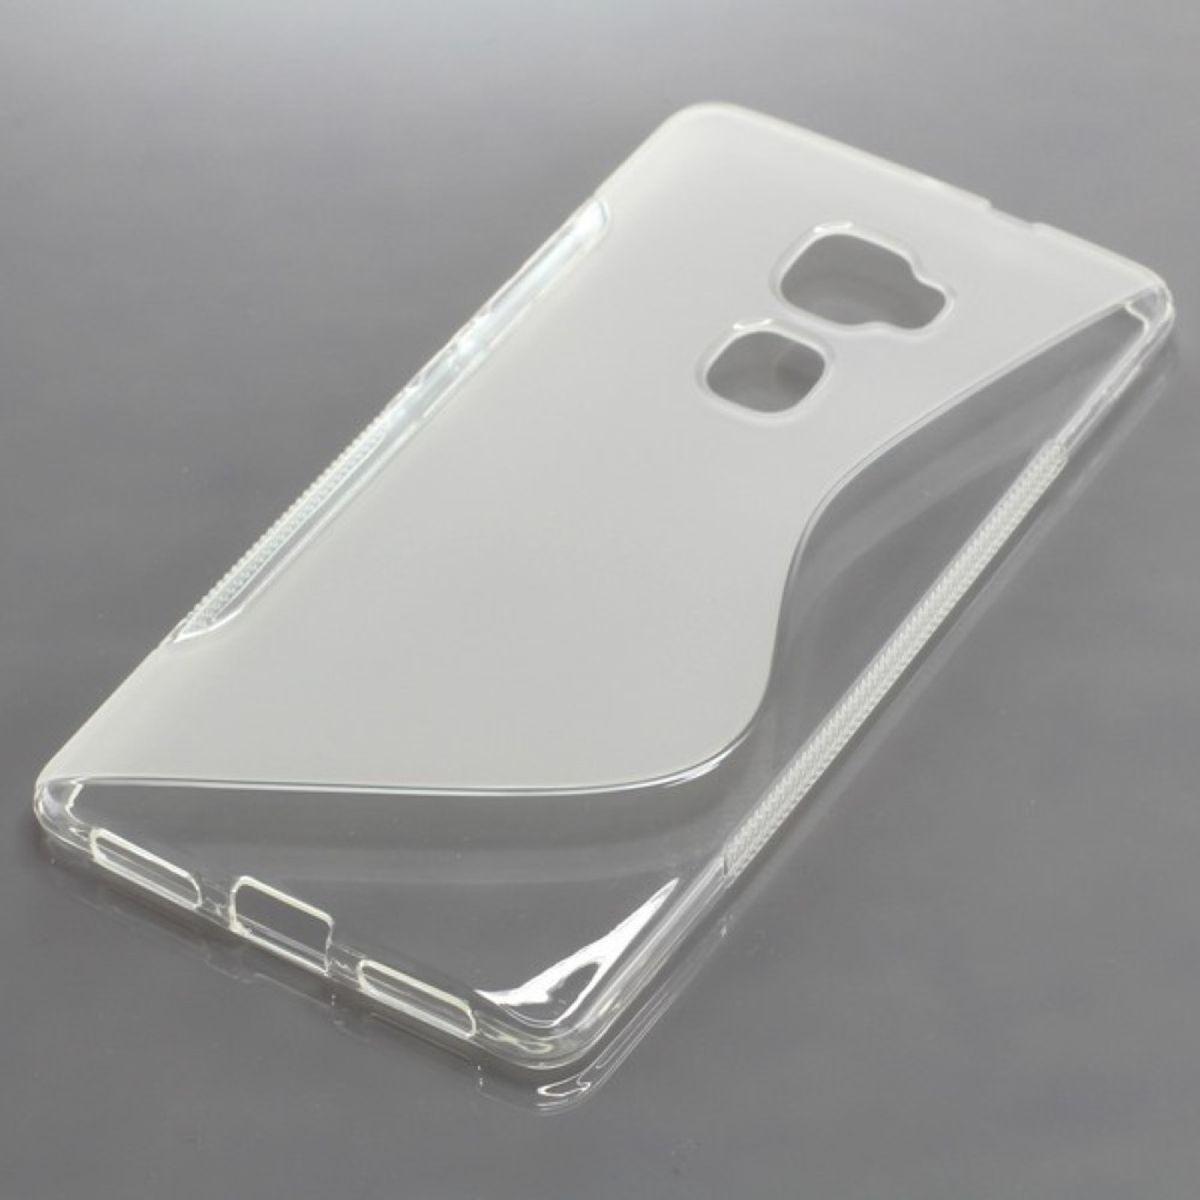 OTB TPU Case kompatibel zu Huawei Mate S S-Curve tranparent